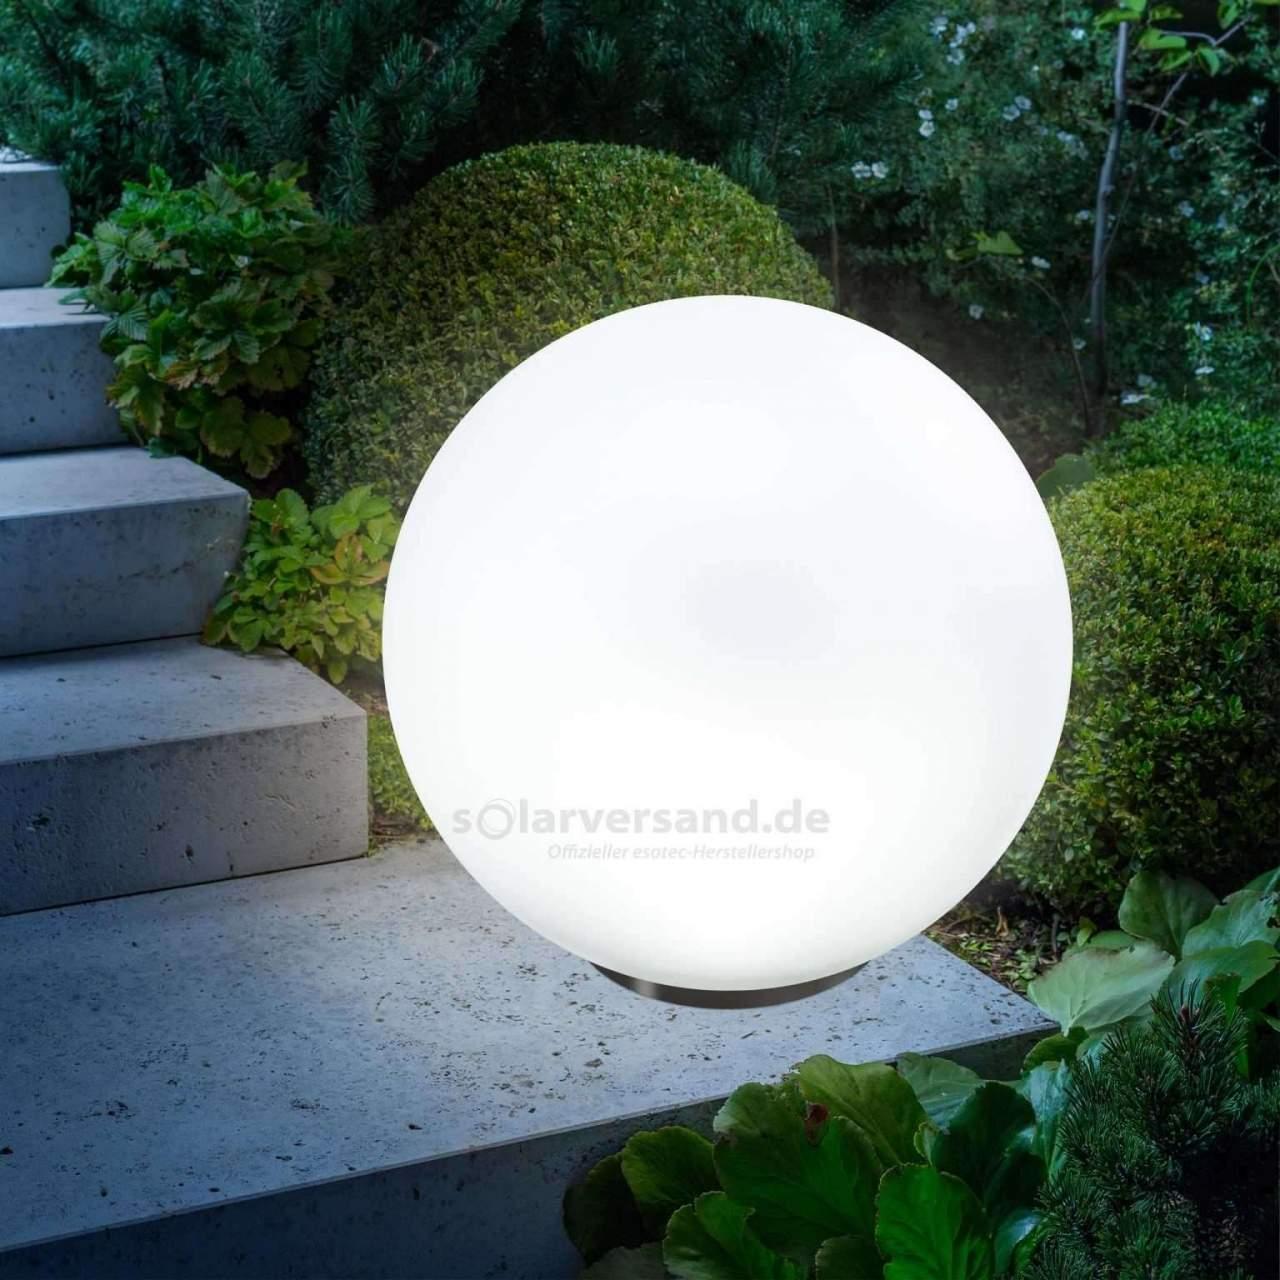 diy garten ideen genial diy garden sculpture ideas lorenzo sculptures of diy garten ideen